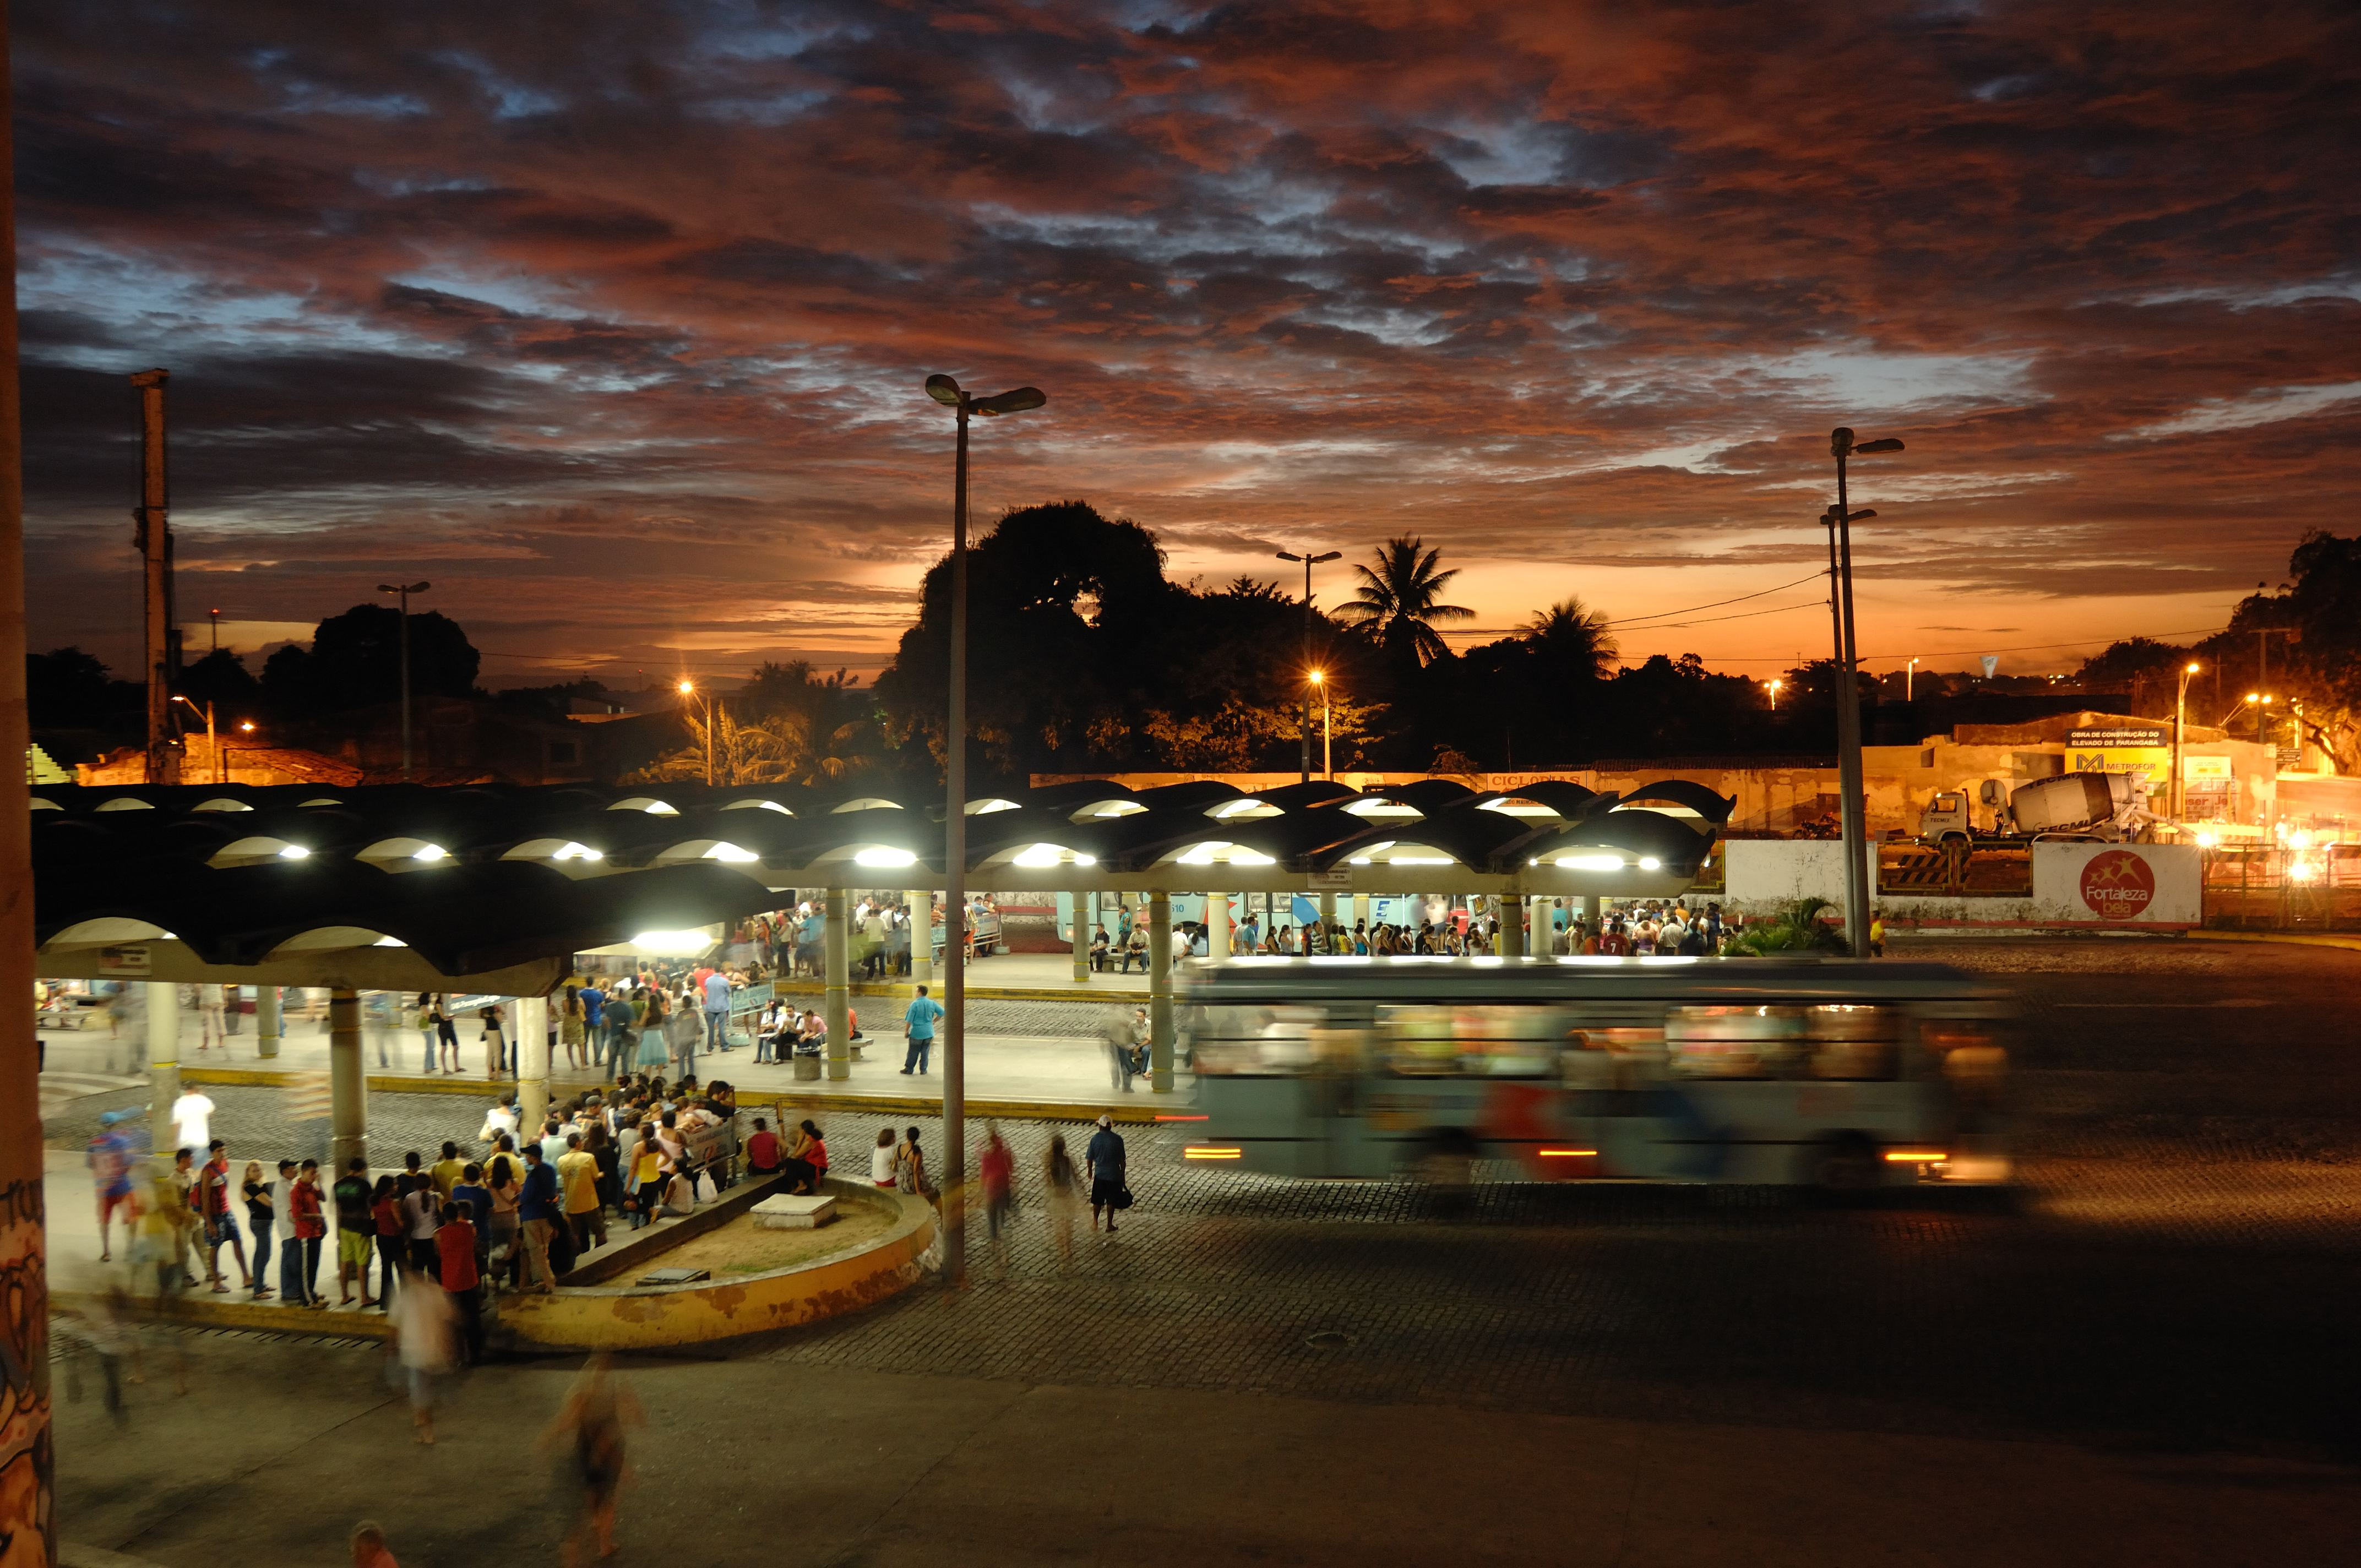 Com várias críticas ao transporte coletivo de Fortaleza, o advogado analisa possíveis processos por danos morais (FOTO: Falcão Jr)